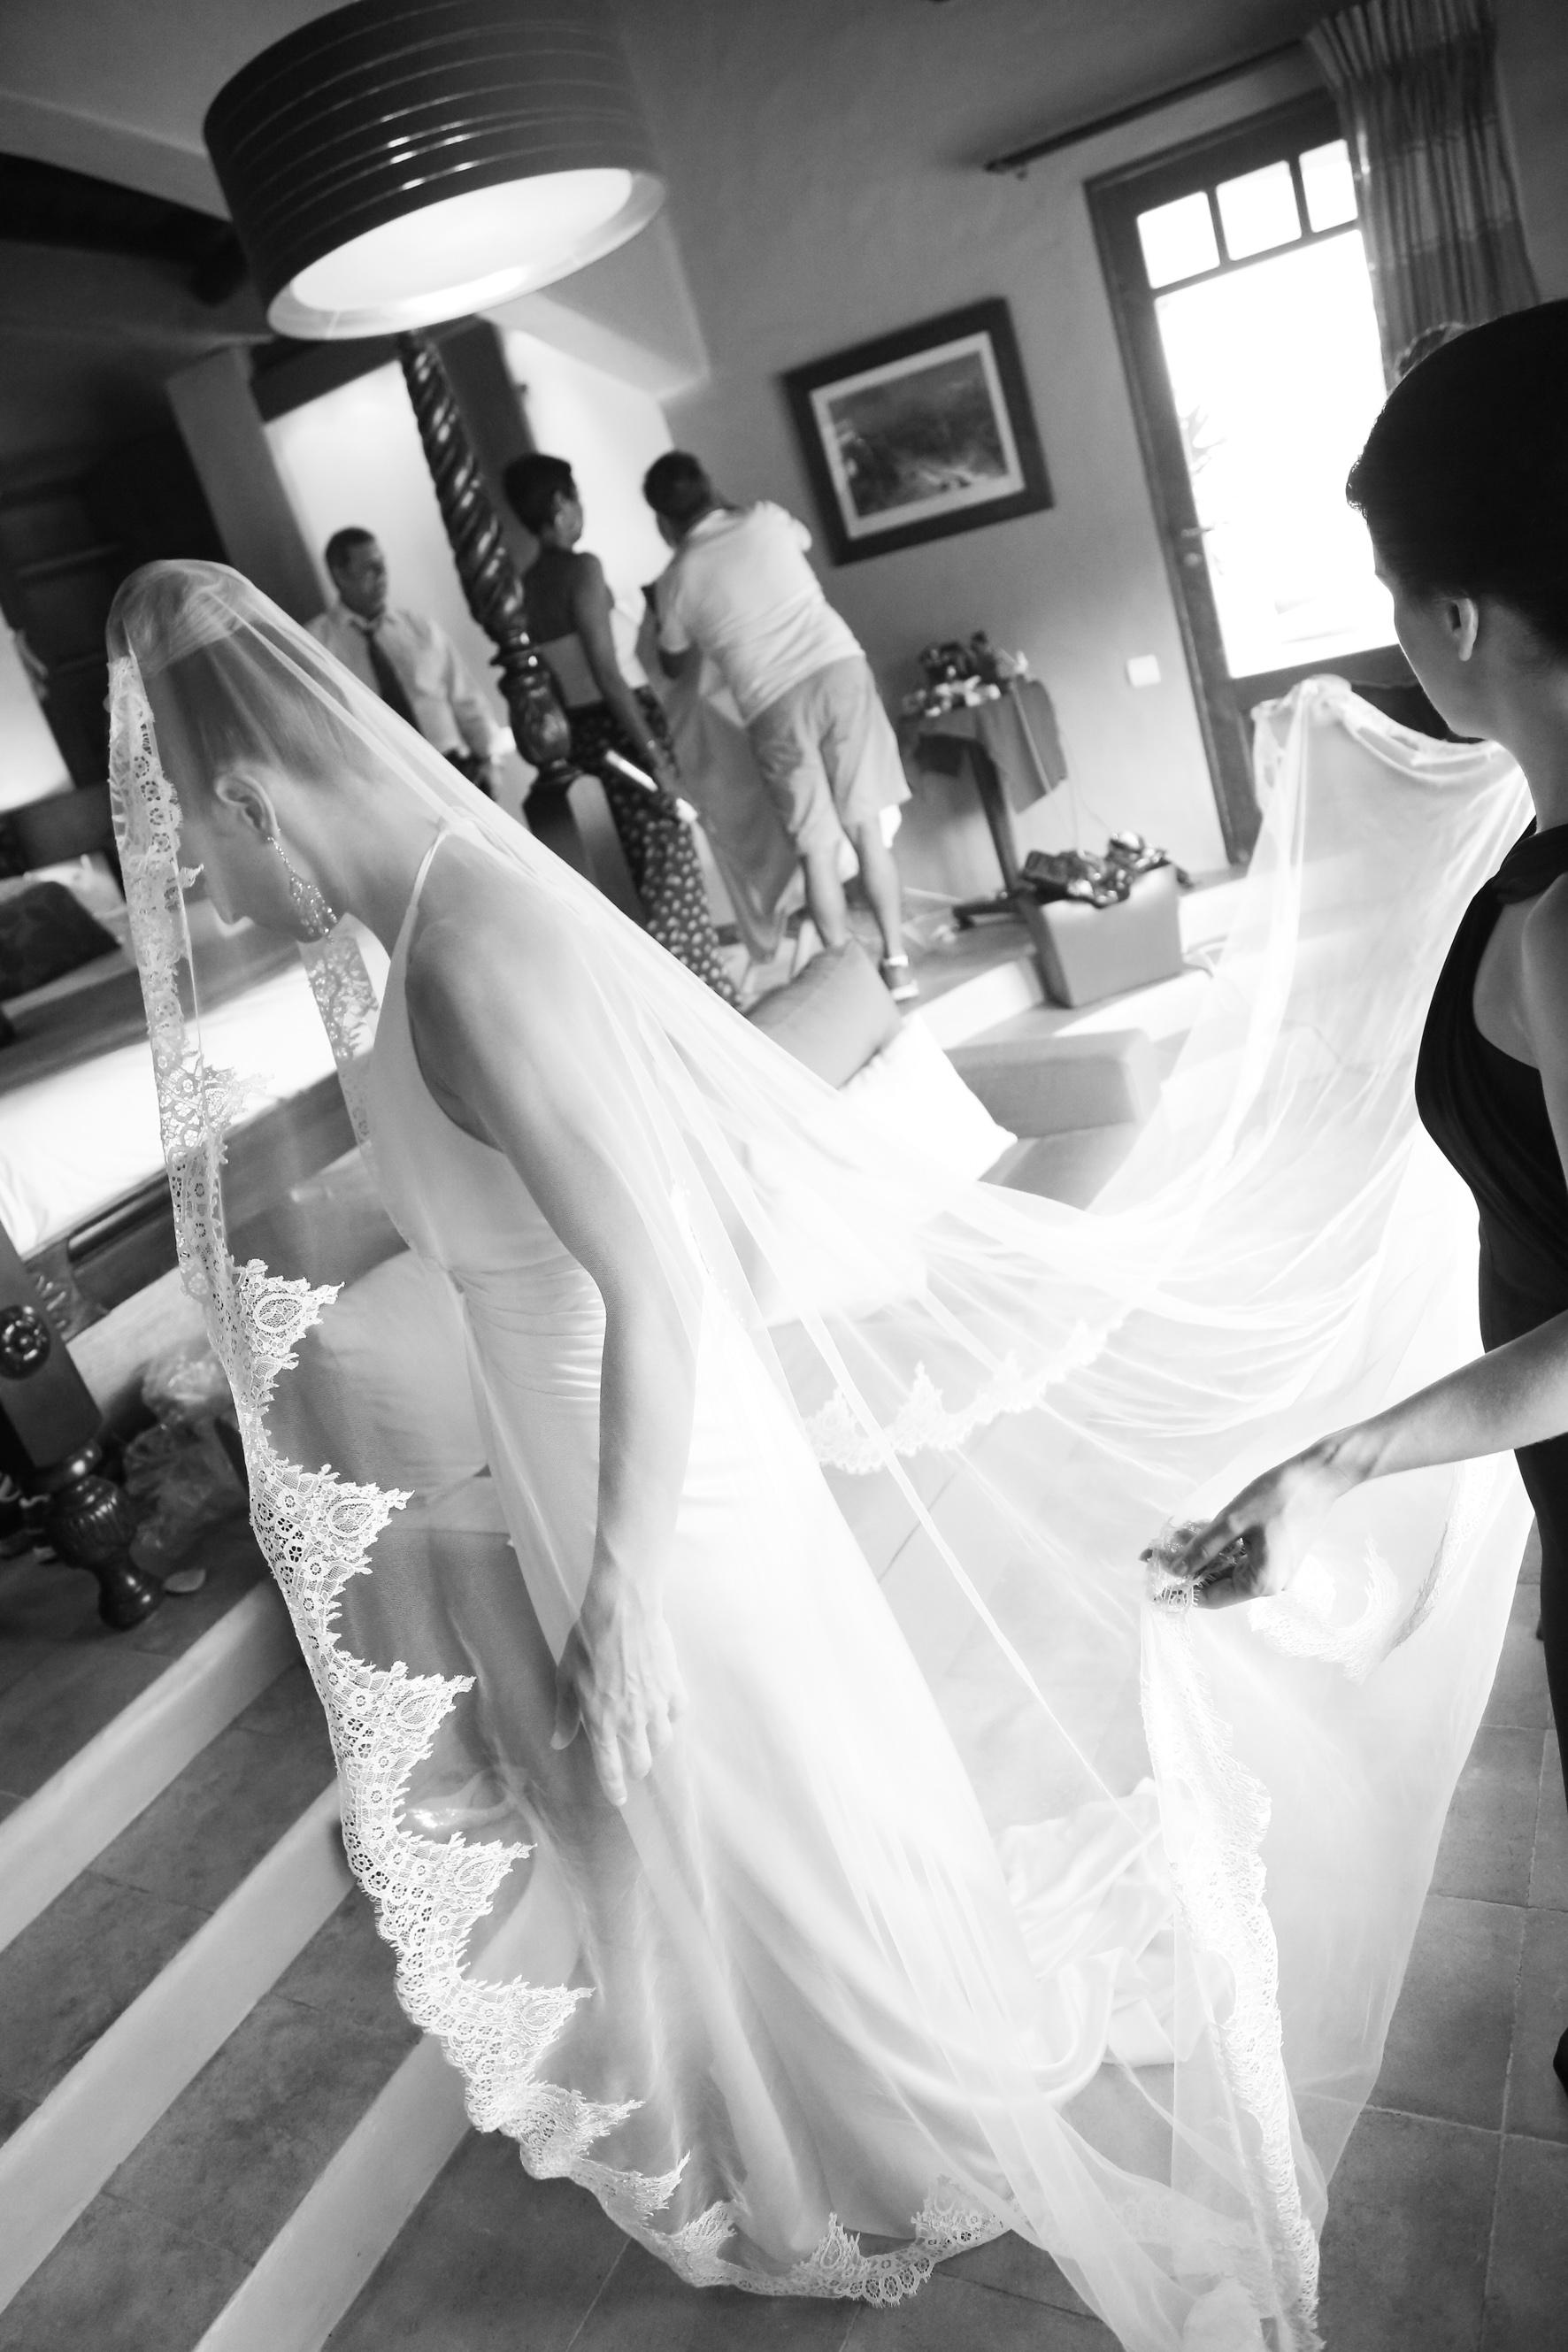 St Barths Wedding Dress. Wedding Planners St Barths